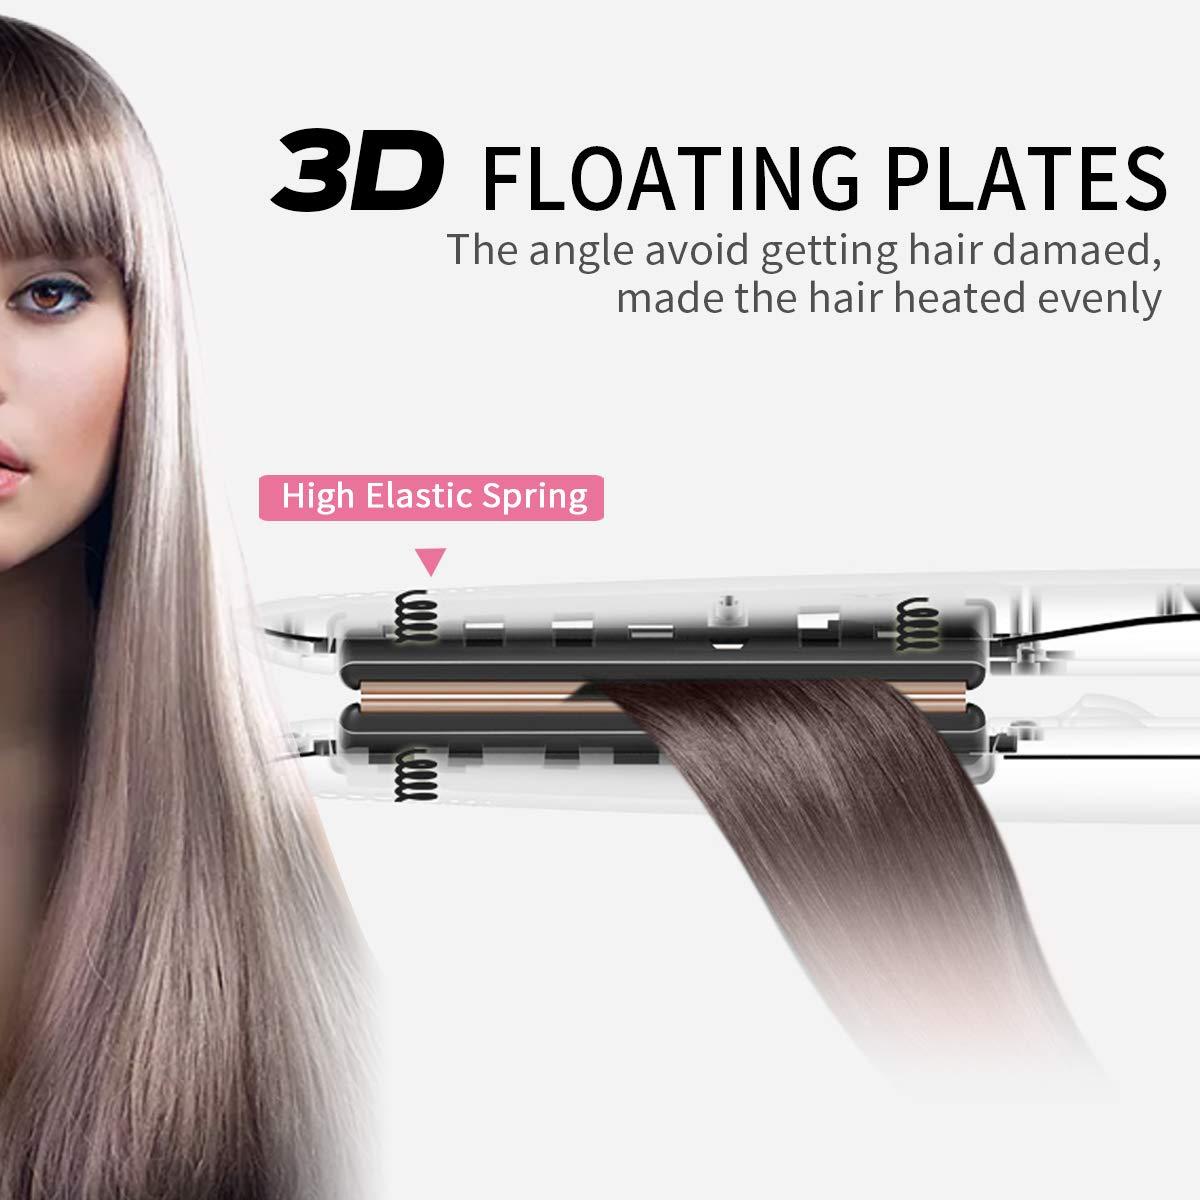 Fer à Lisser Lisseur Cheveux Longues plaques ioniques en céramique Température Ajustable Arrêt Automatique Verrou de sécurité Affichage numérique de la température